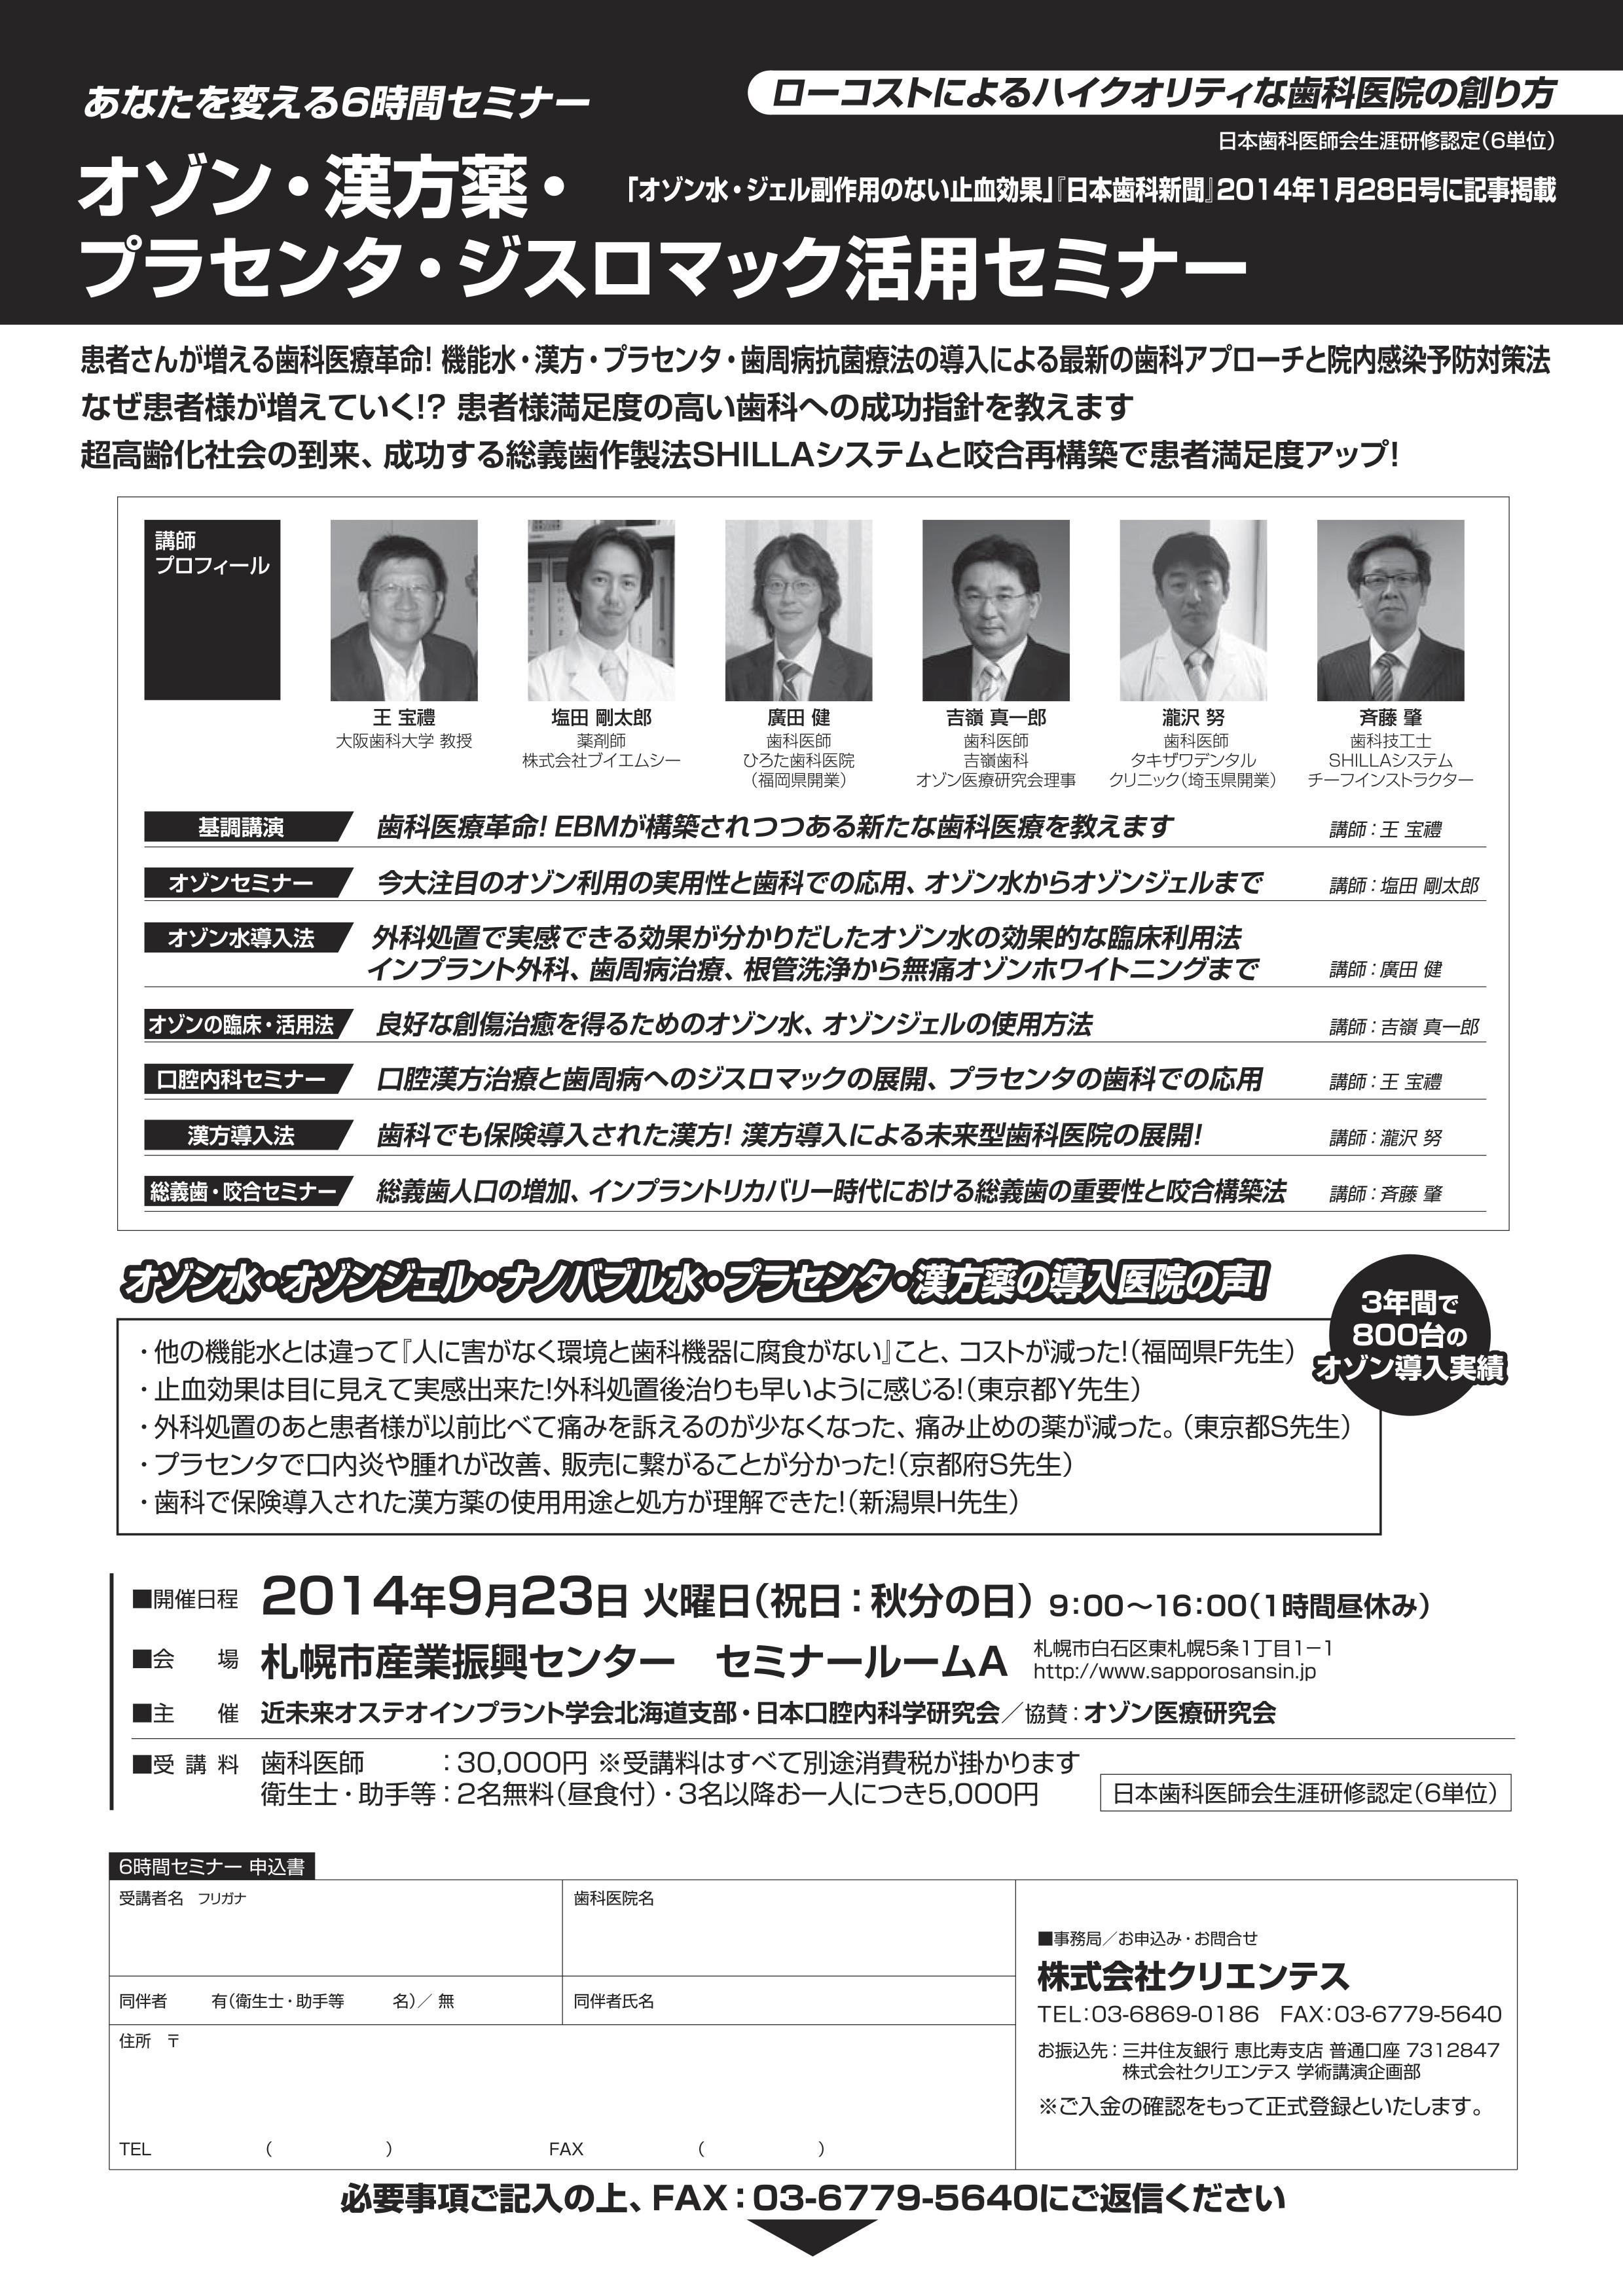 2014年9月23日札幌初上陸:6時間セミナー